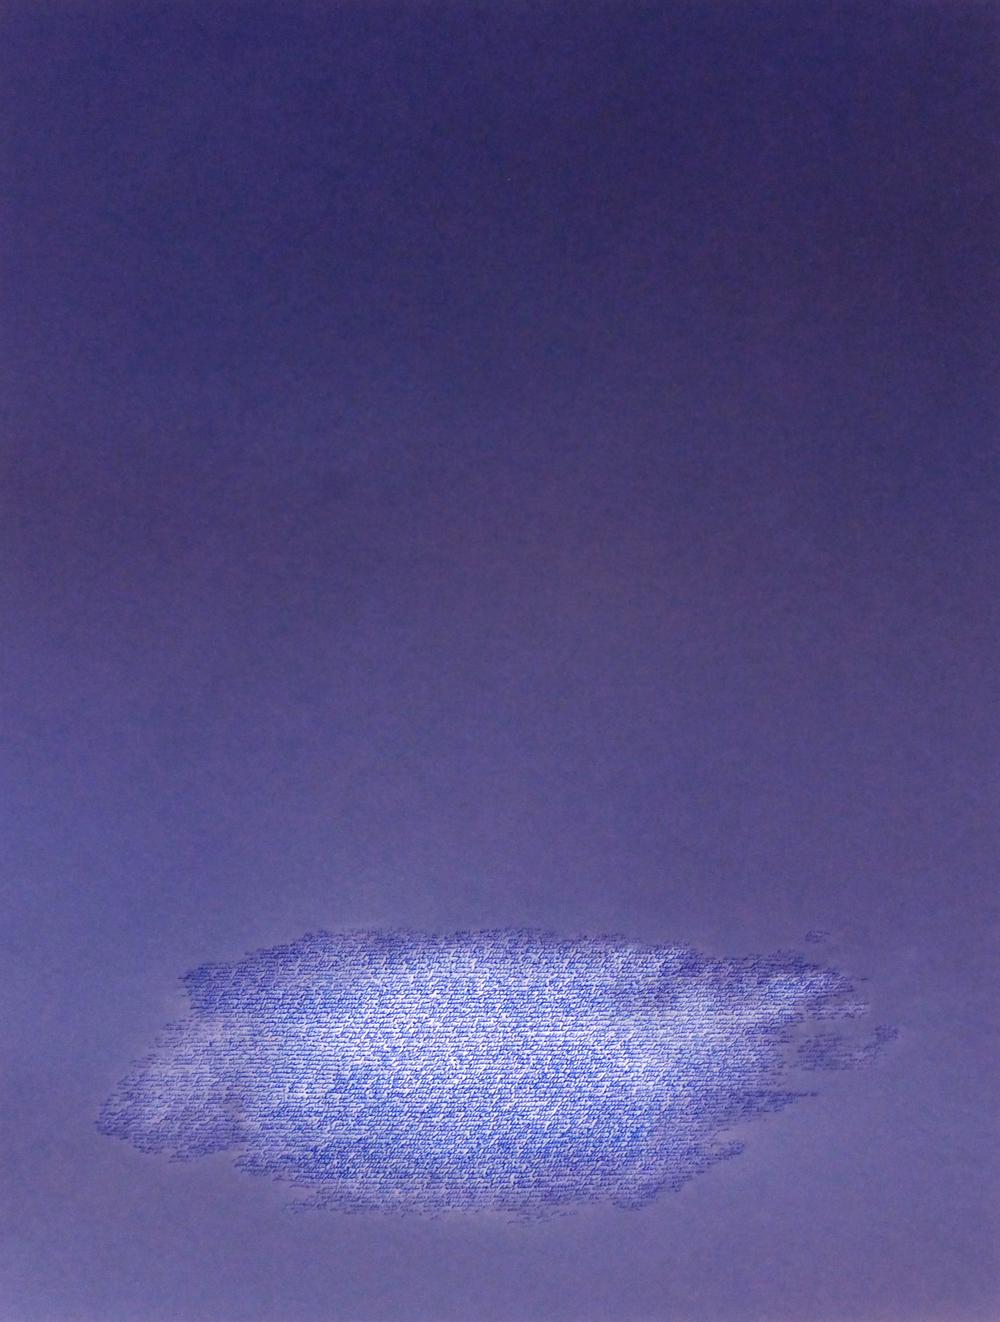 Maio A. - Nuvola (6).jpg